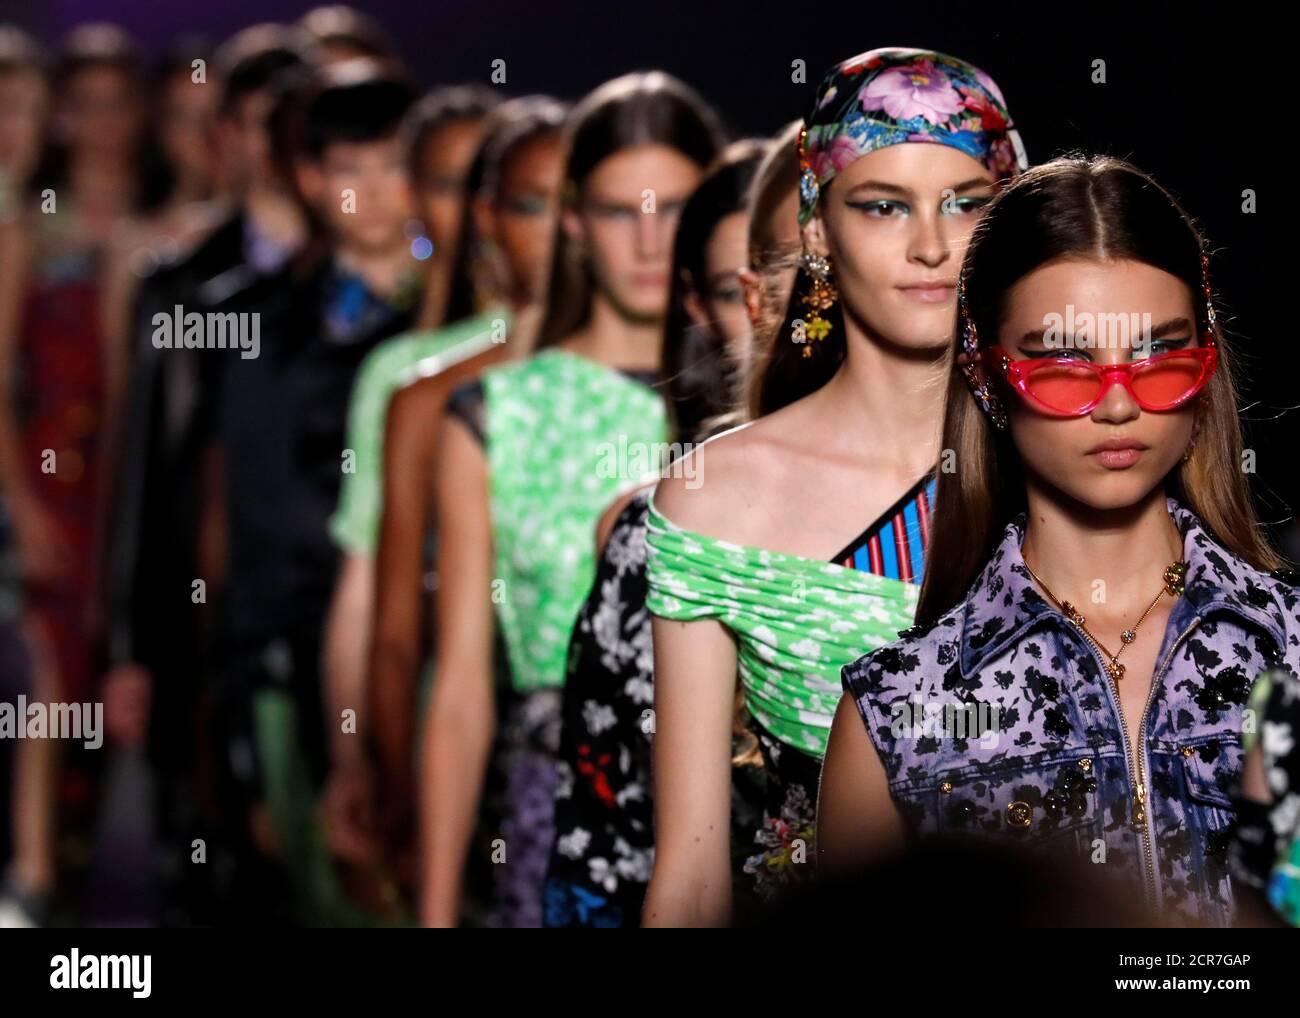 Les modèles présentent des créations au spectacle Versace lors de la semaine de la mode de Milan, printemps 2019, à Milan, en Italie, le 21 septembre 2018. REUTERS/Stefano Rellandini Banque D'Images